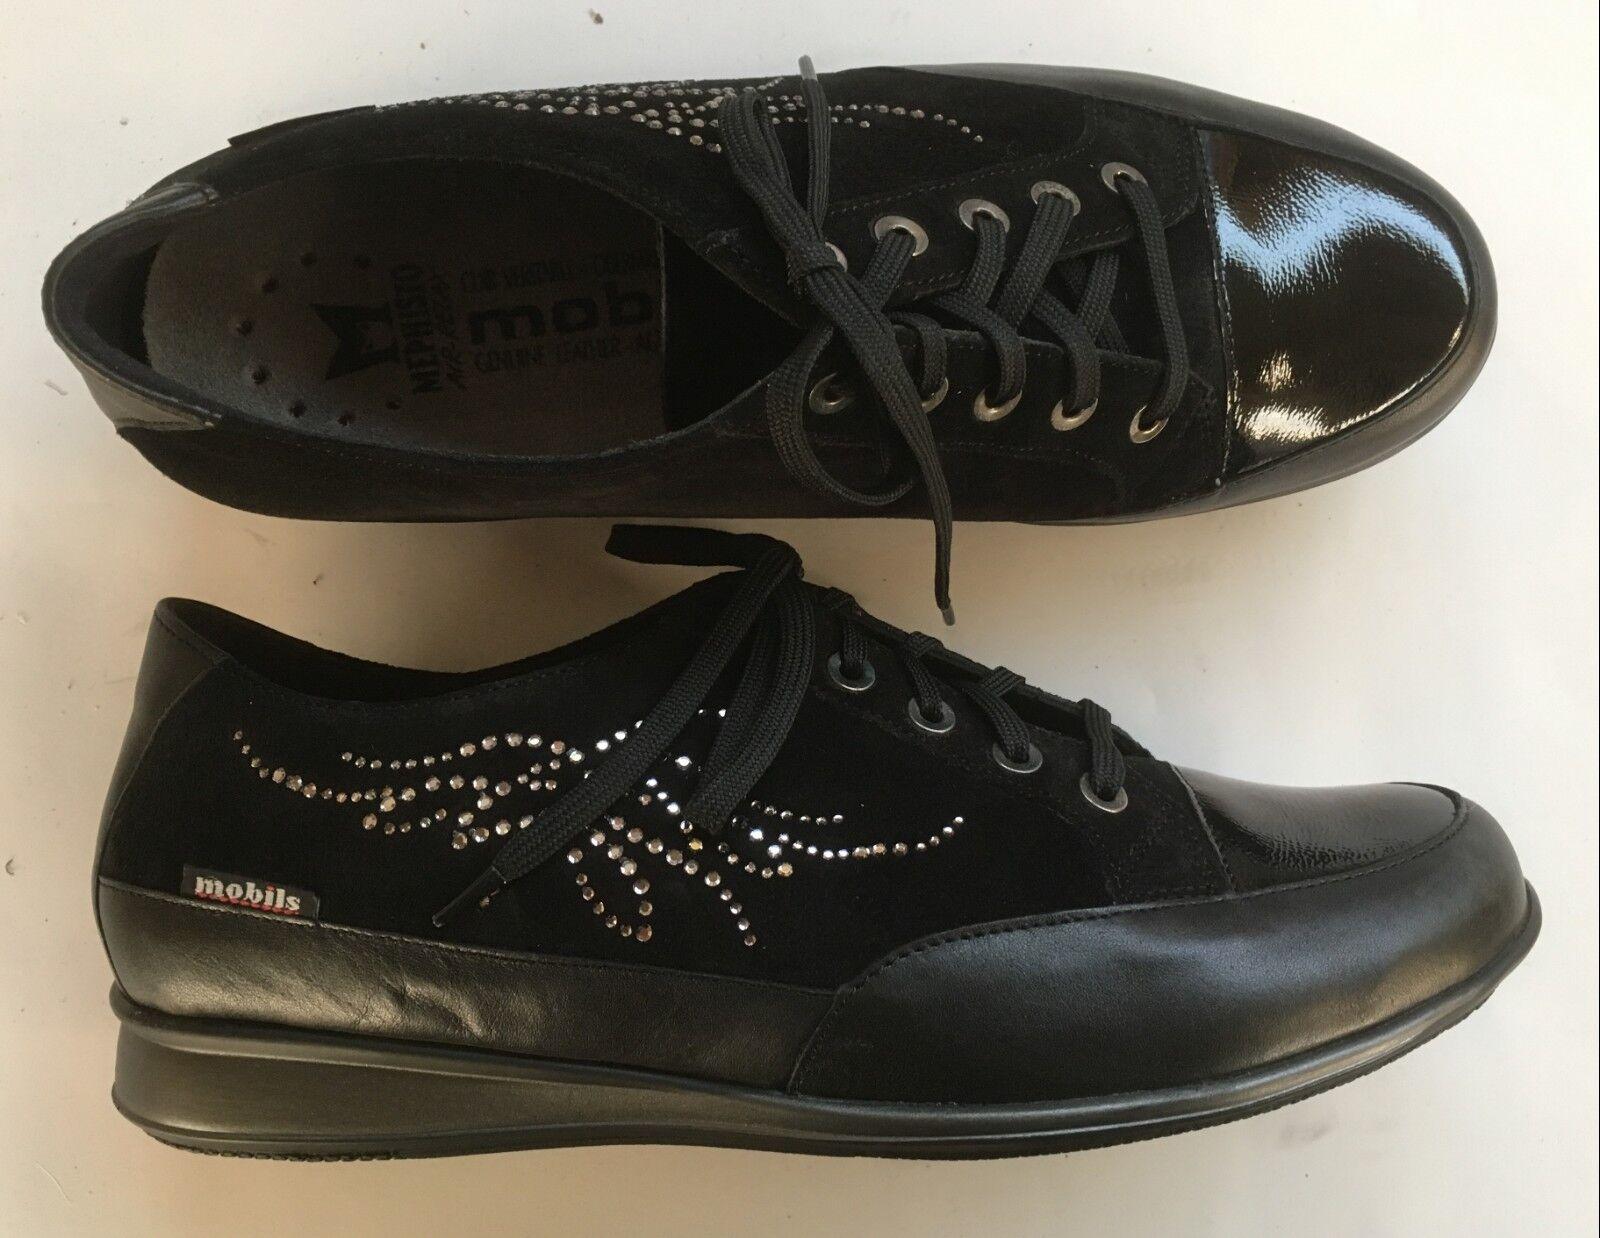 Chaussures lacées Méphisto Mobils neuves noires 37,5